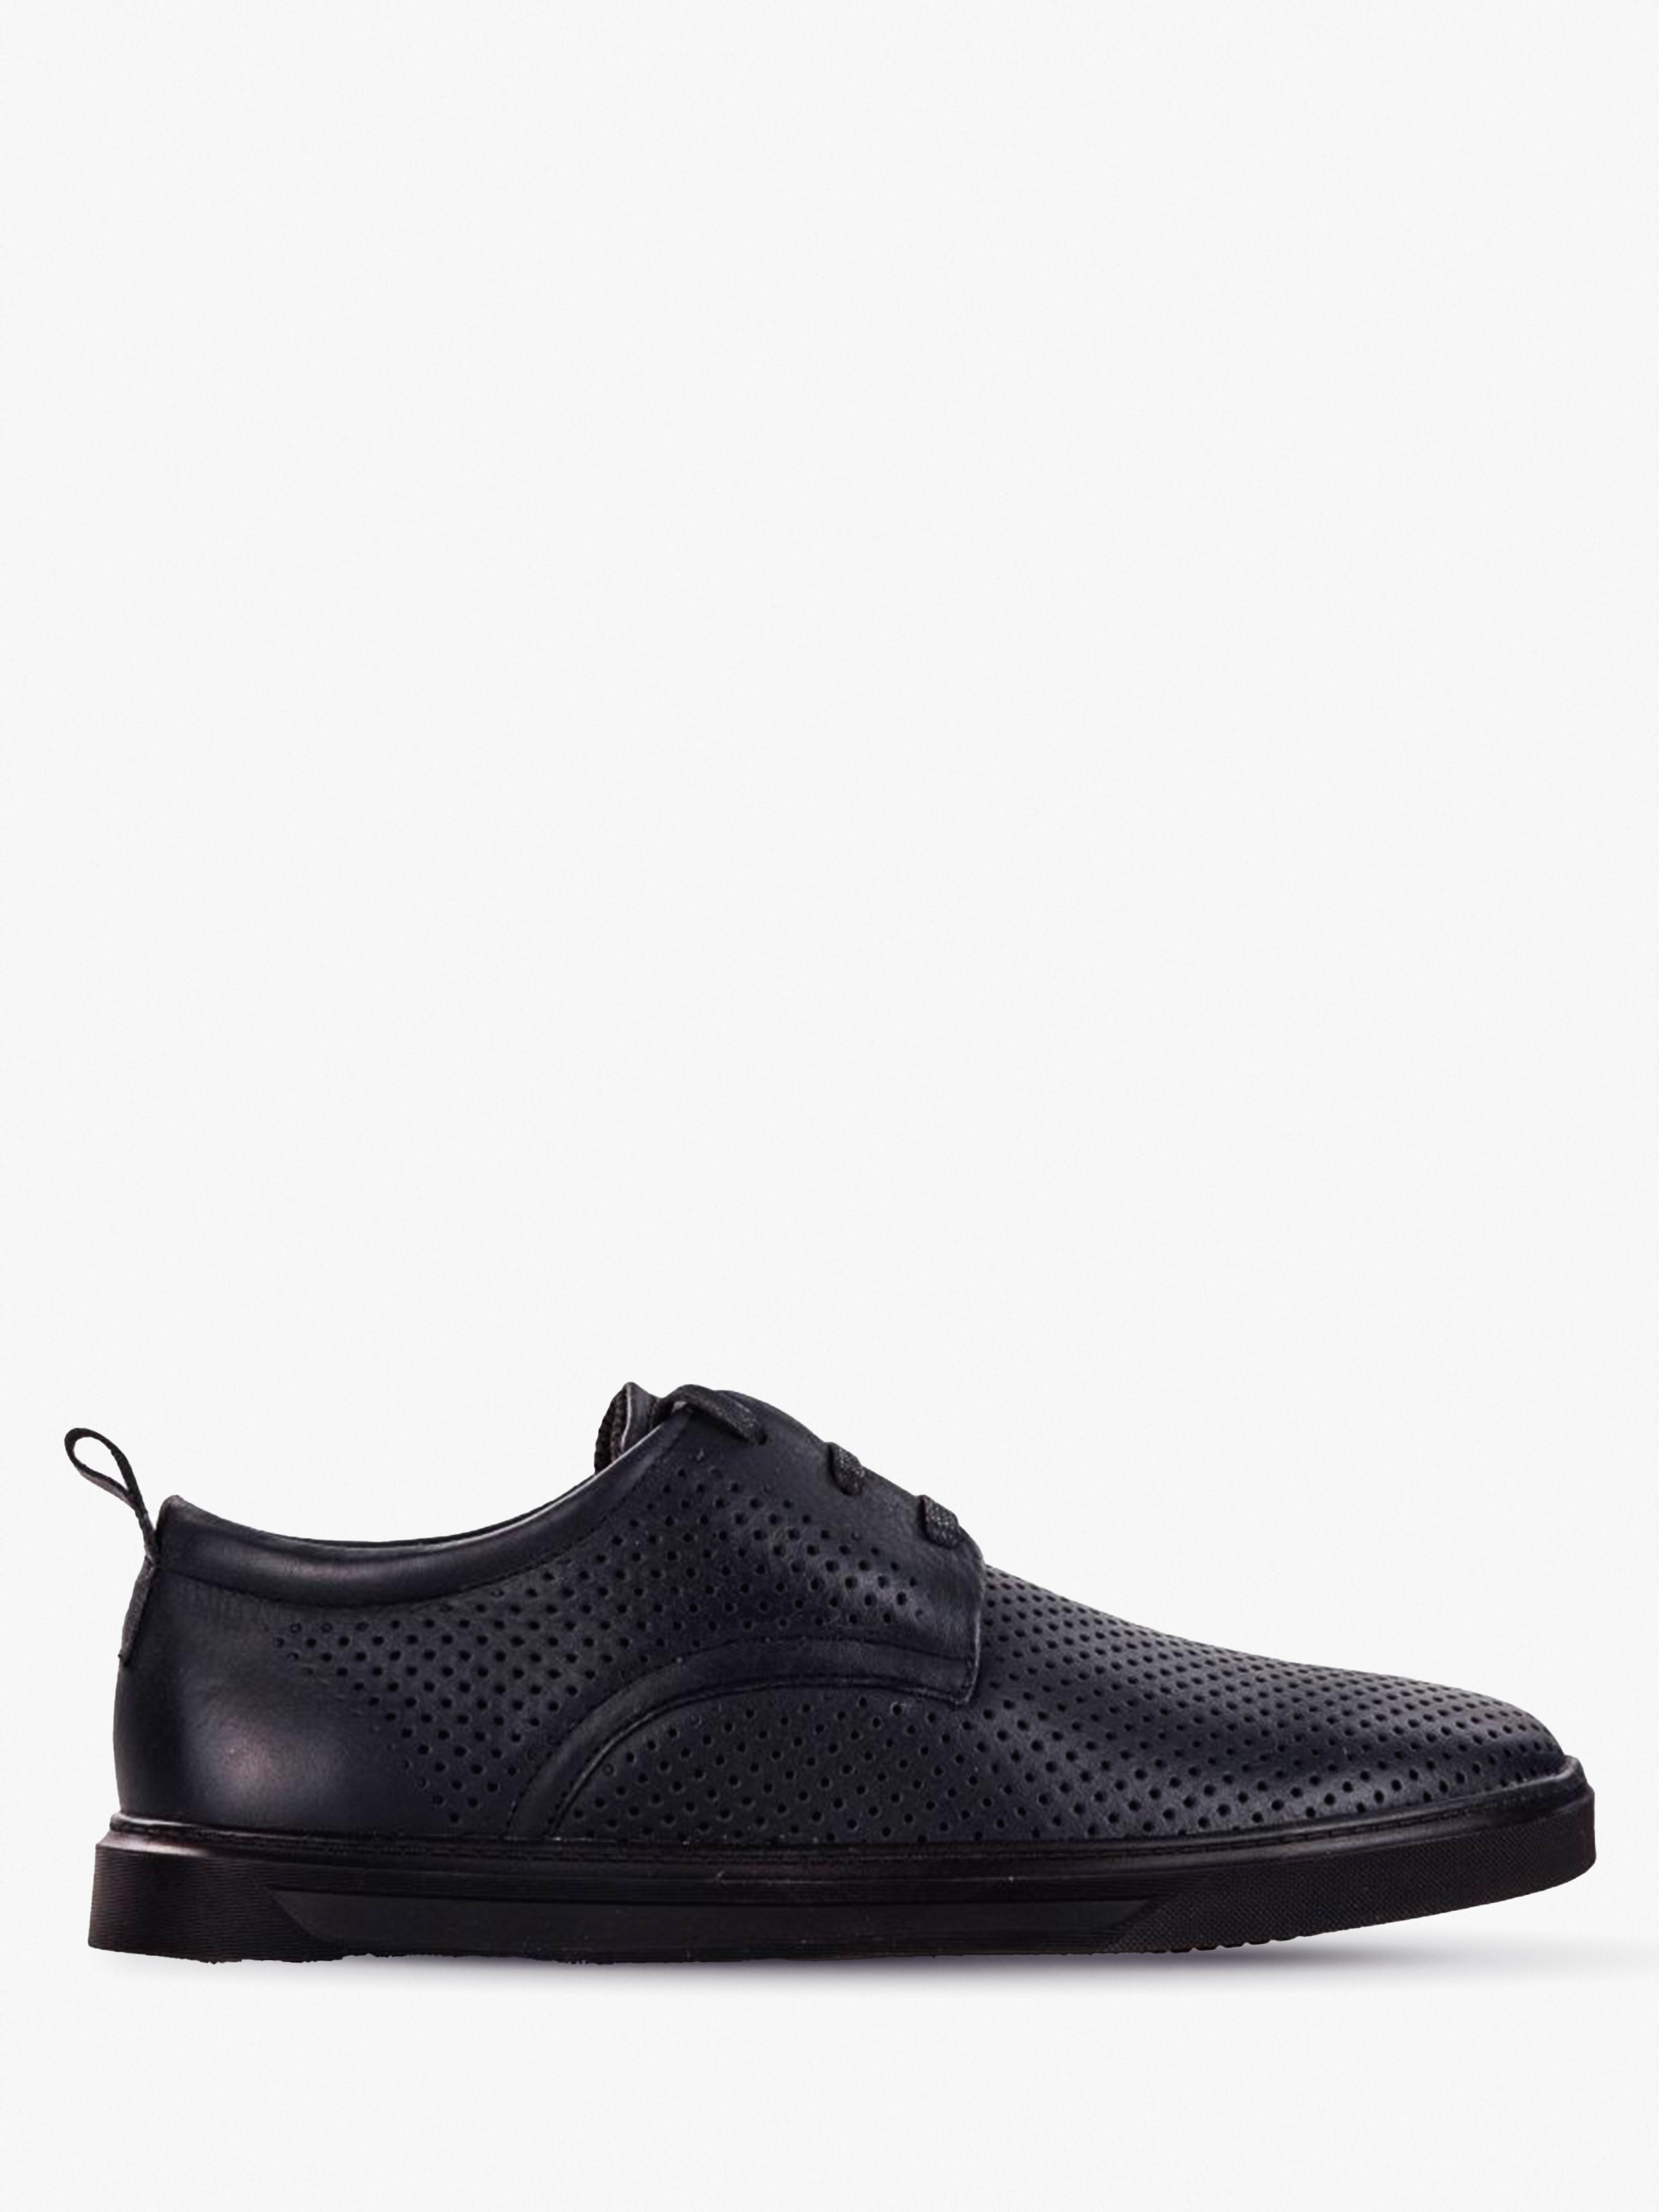 Полуботинки для мужчин Braska 8B124 размеры обуви, 2017